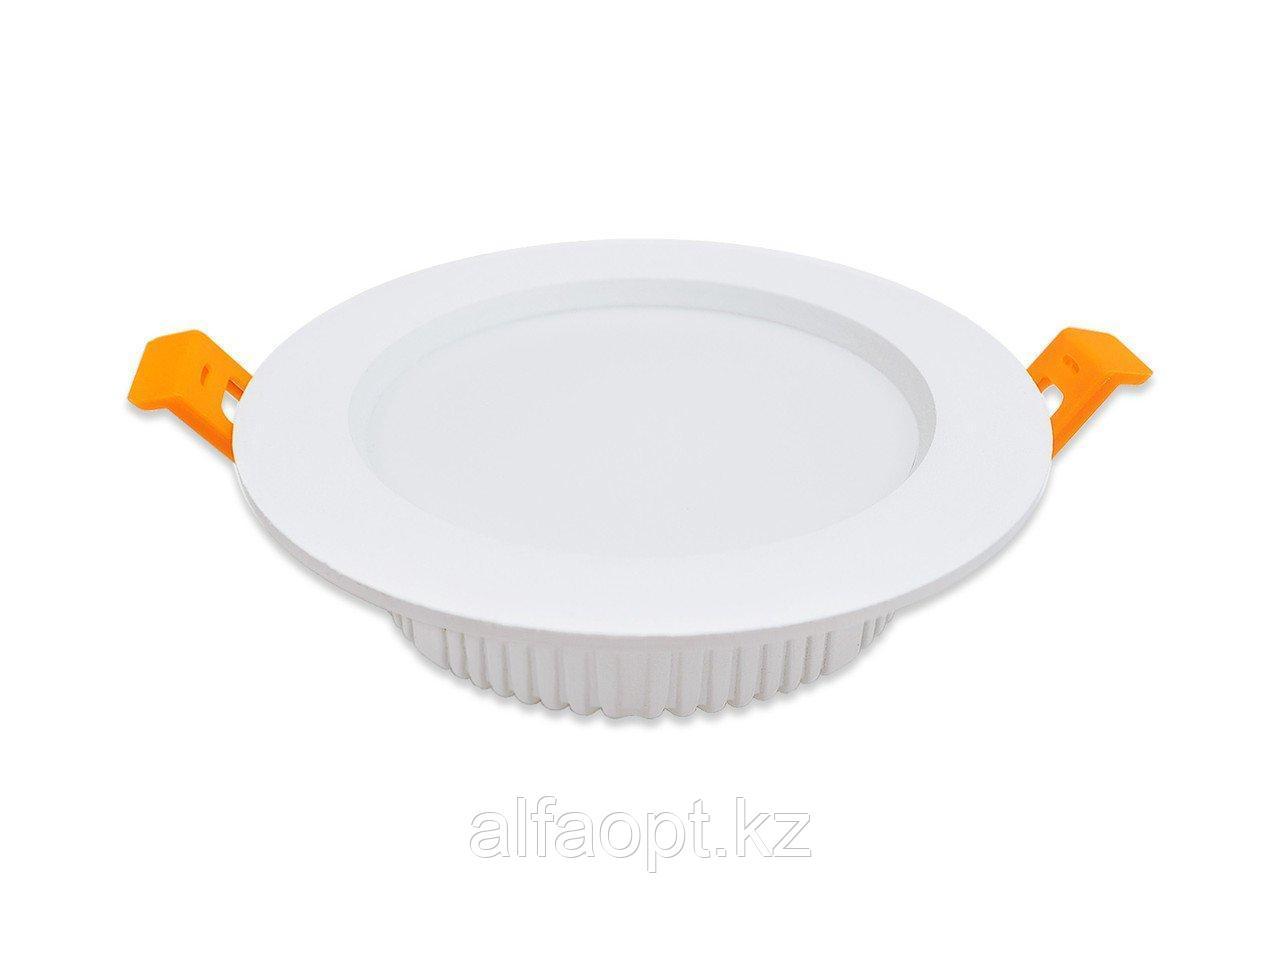 Потолочный встраиваемый светильник типа Downlight (8 Вт; 800 Лм)